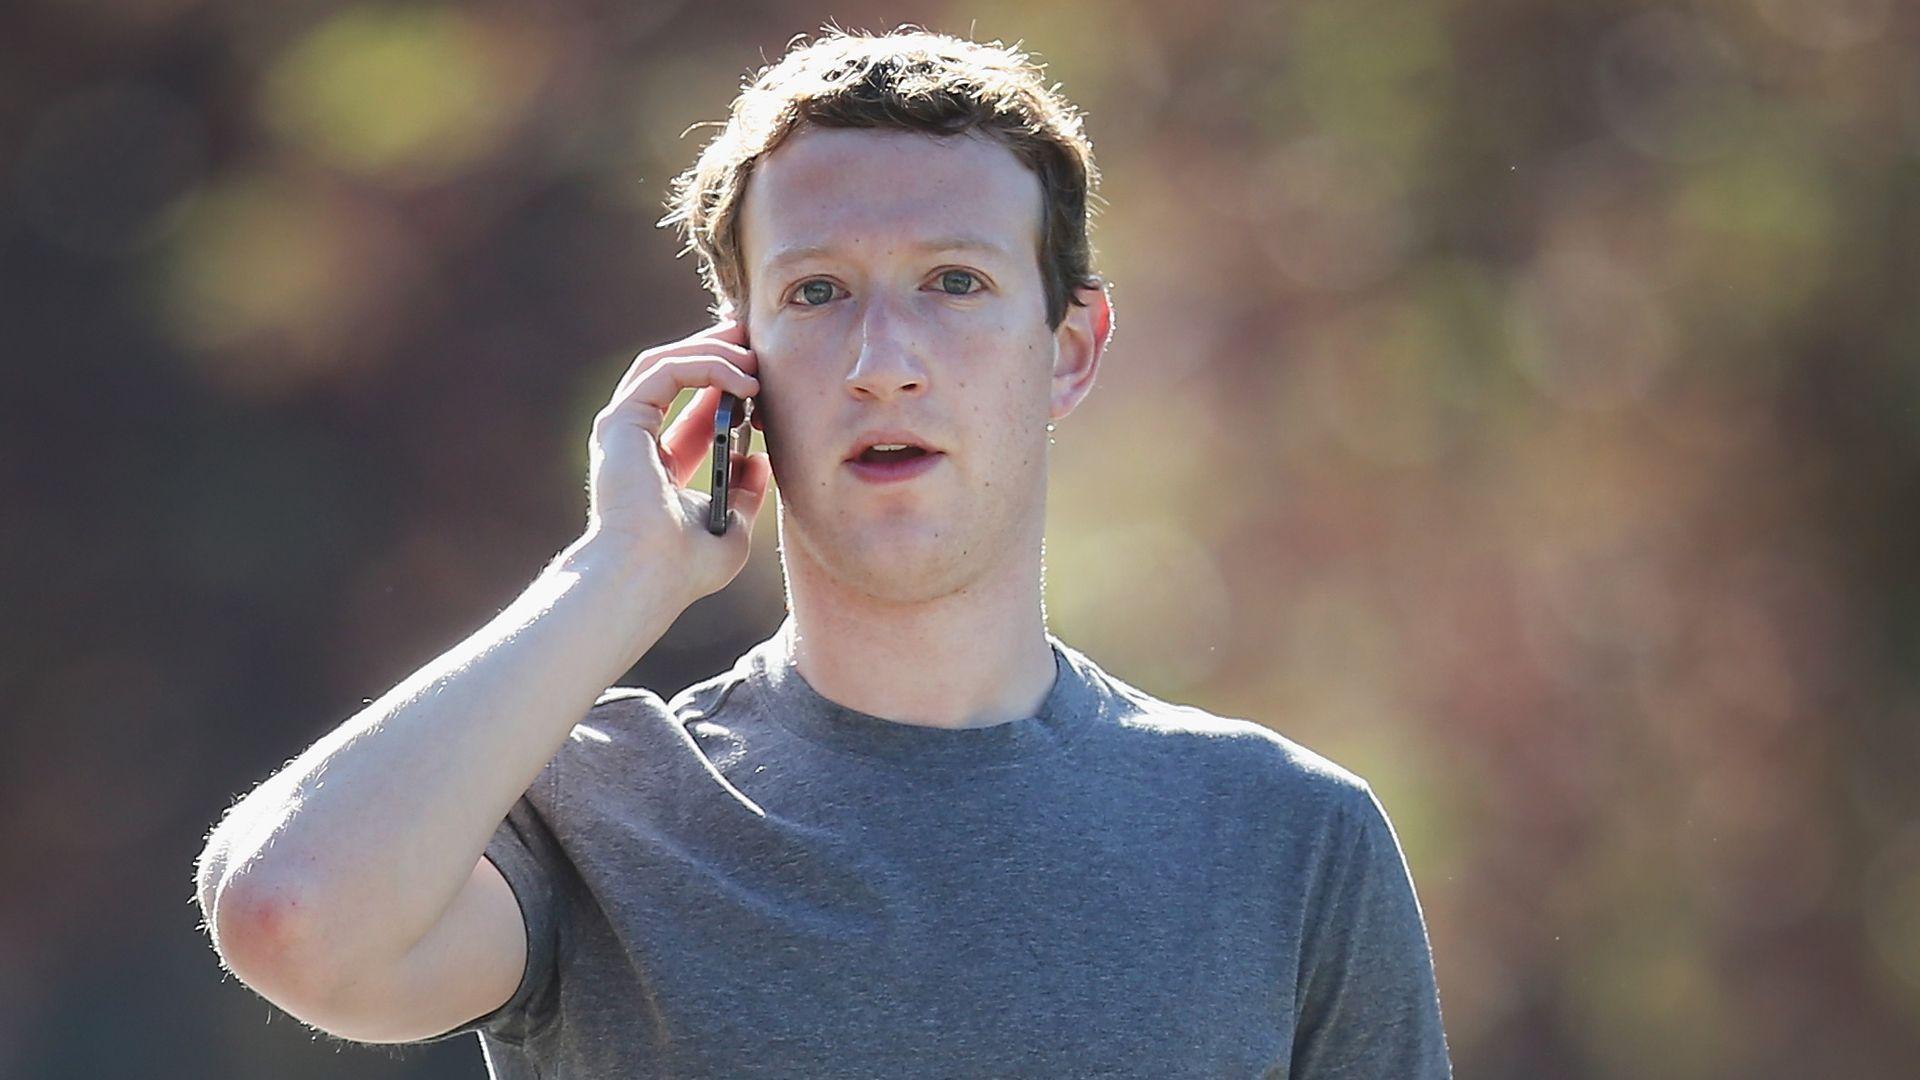 Qual a marca de celular favorita de Mark Zuckerberg?